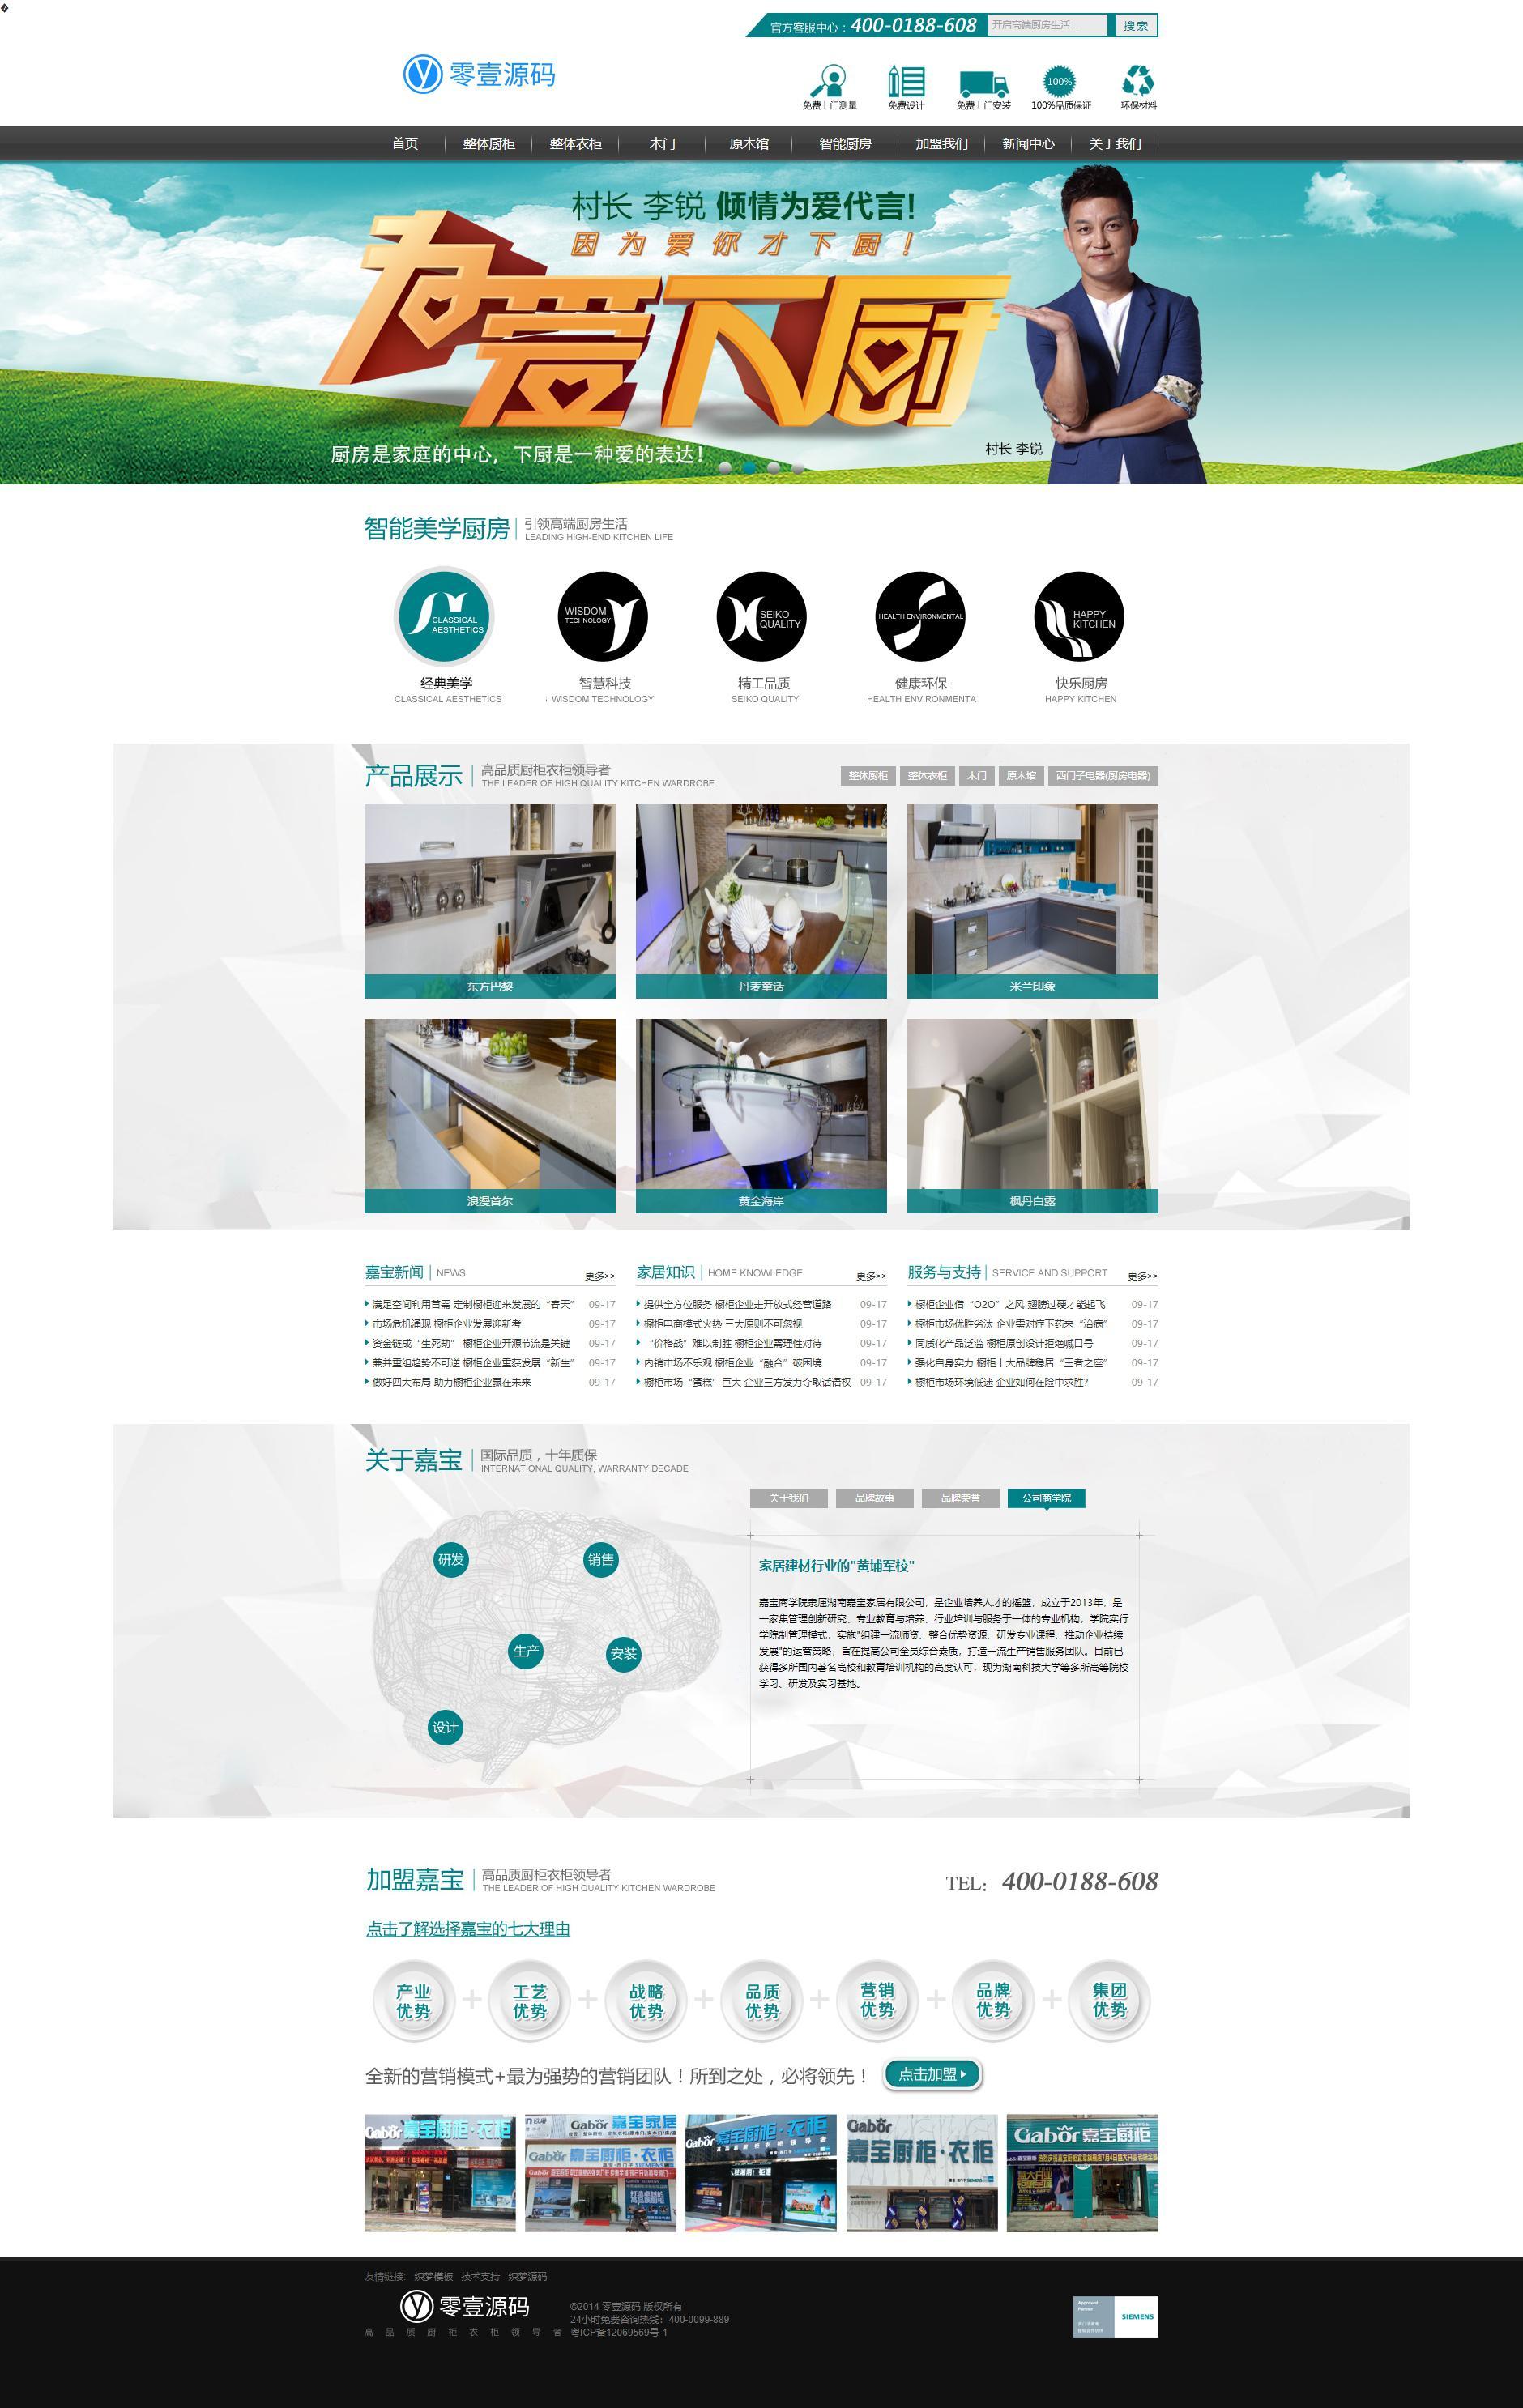 简洁橱柜家具装饰类企业网站织梦dedecms模板